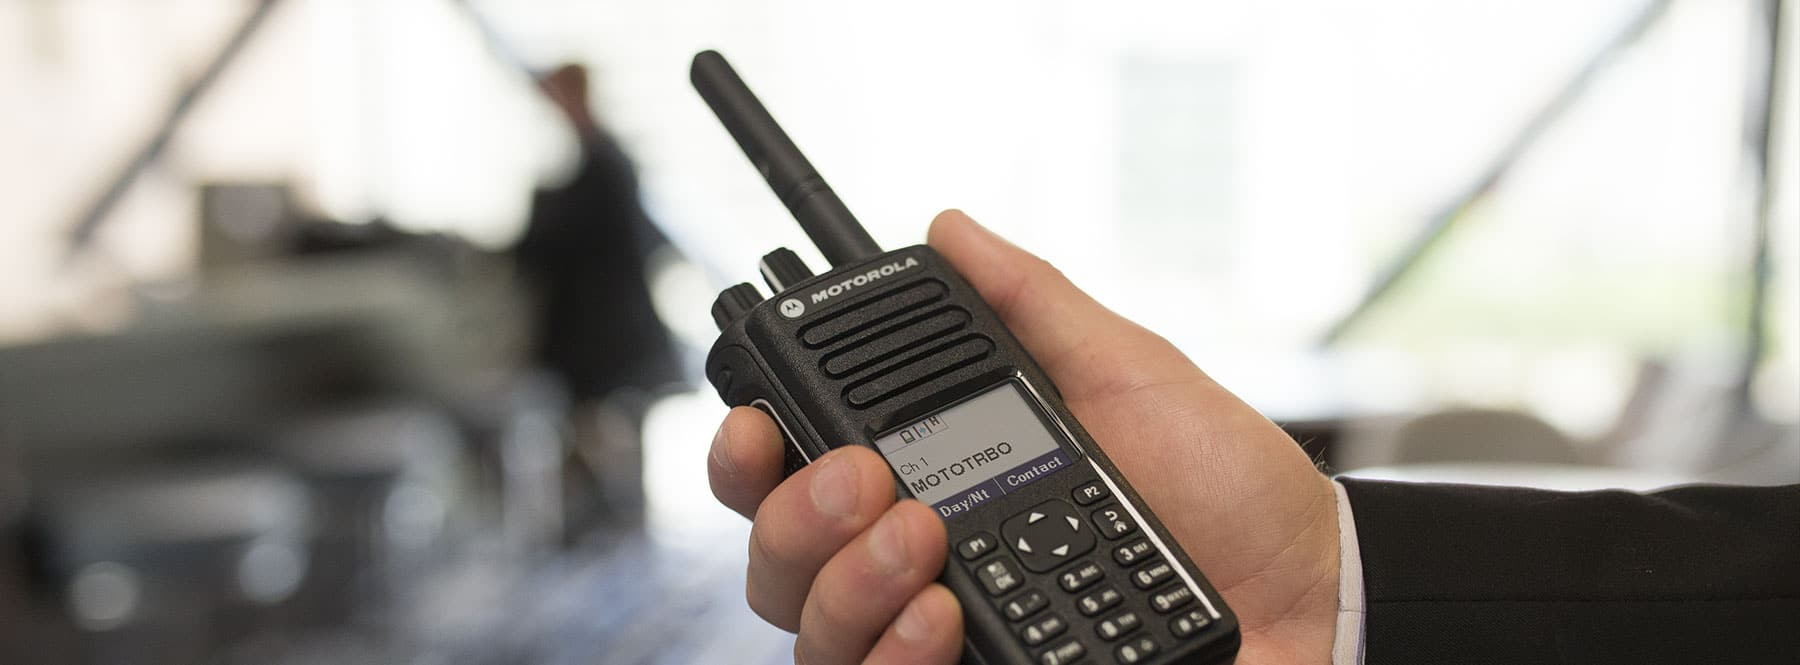 Syrade -  Système radio équipement